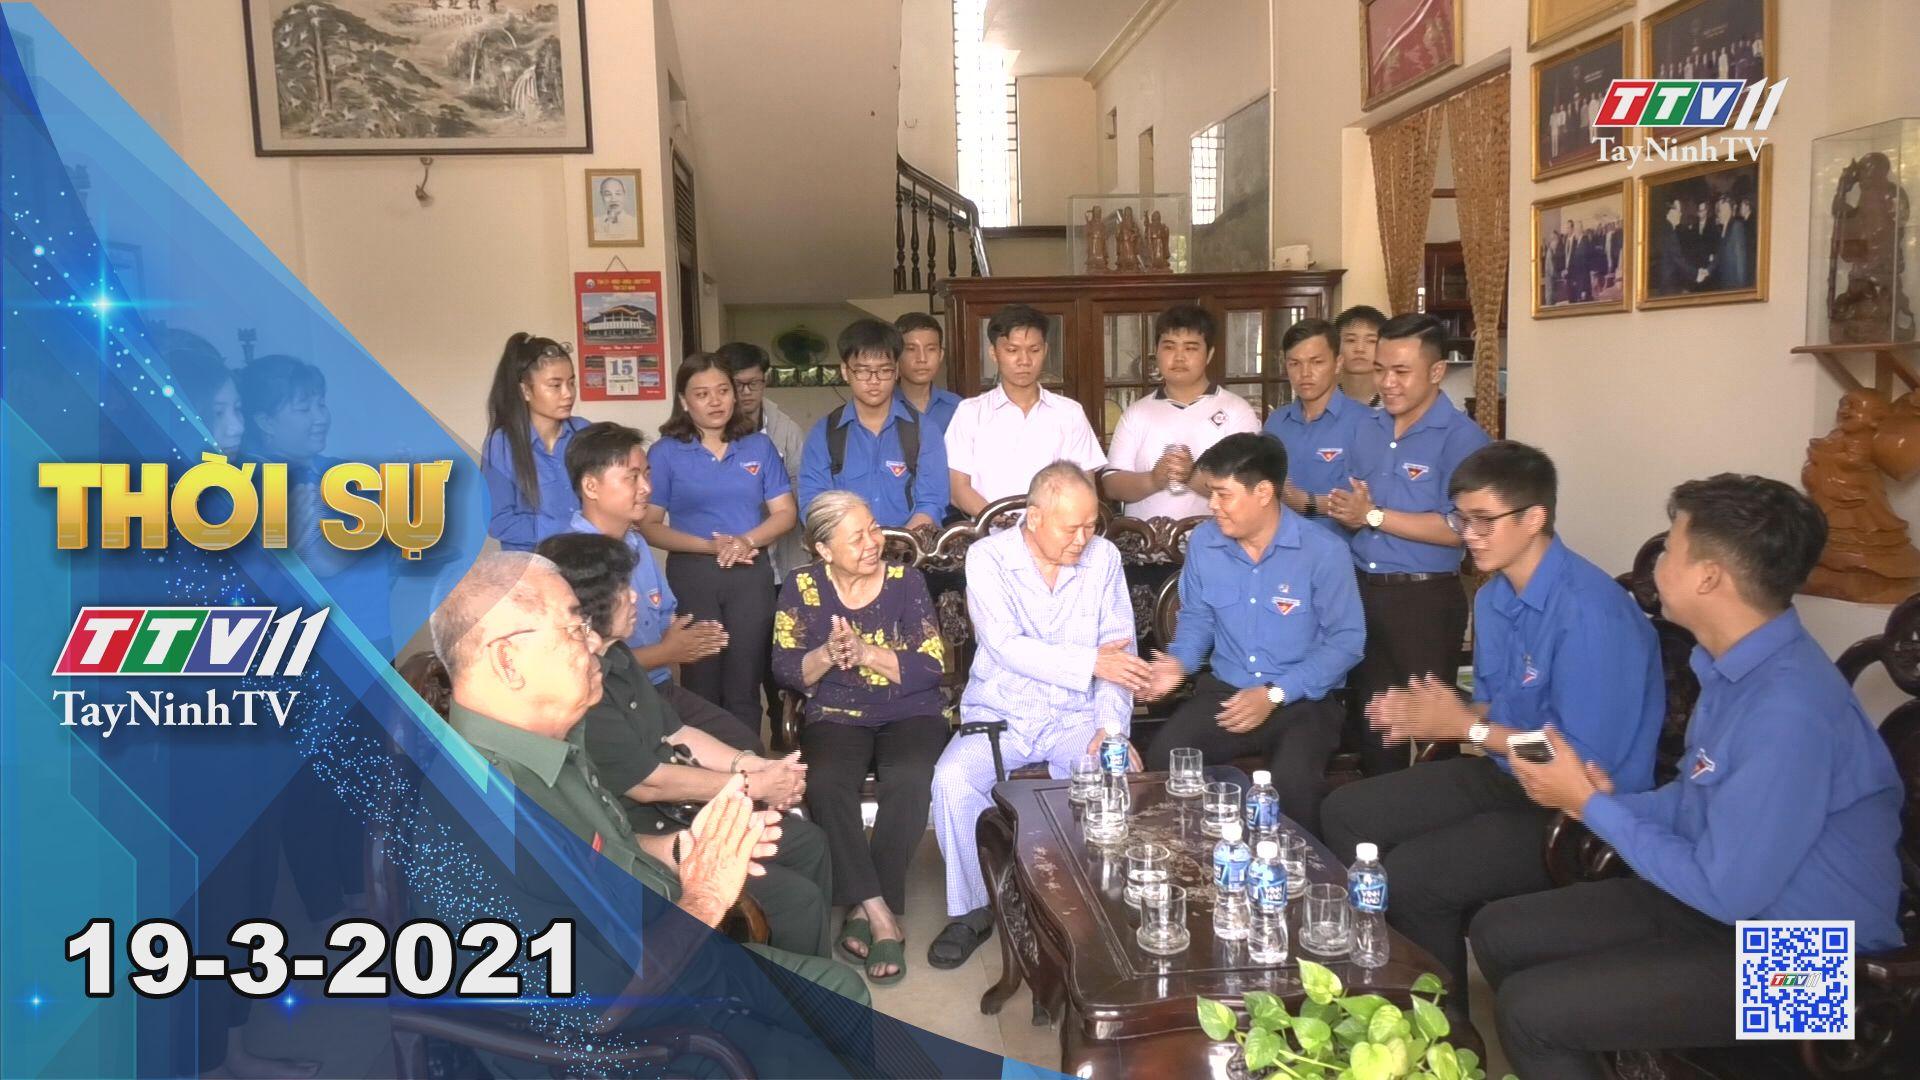 Thời sự Tây Ninh 19-3-2021 | Tin tức hôm nay | TayNinhTV